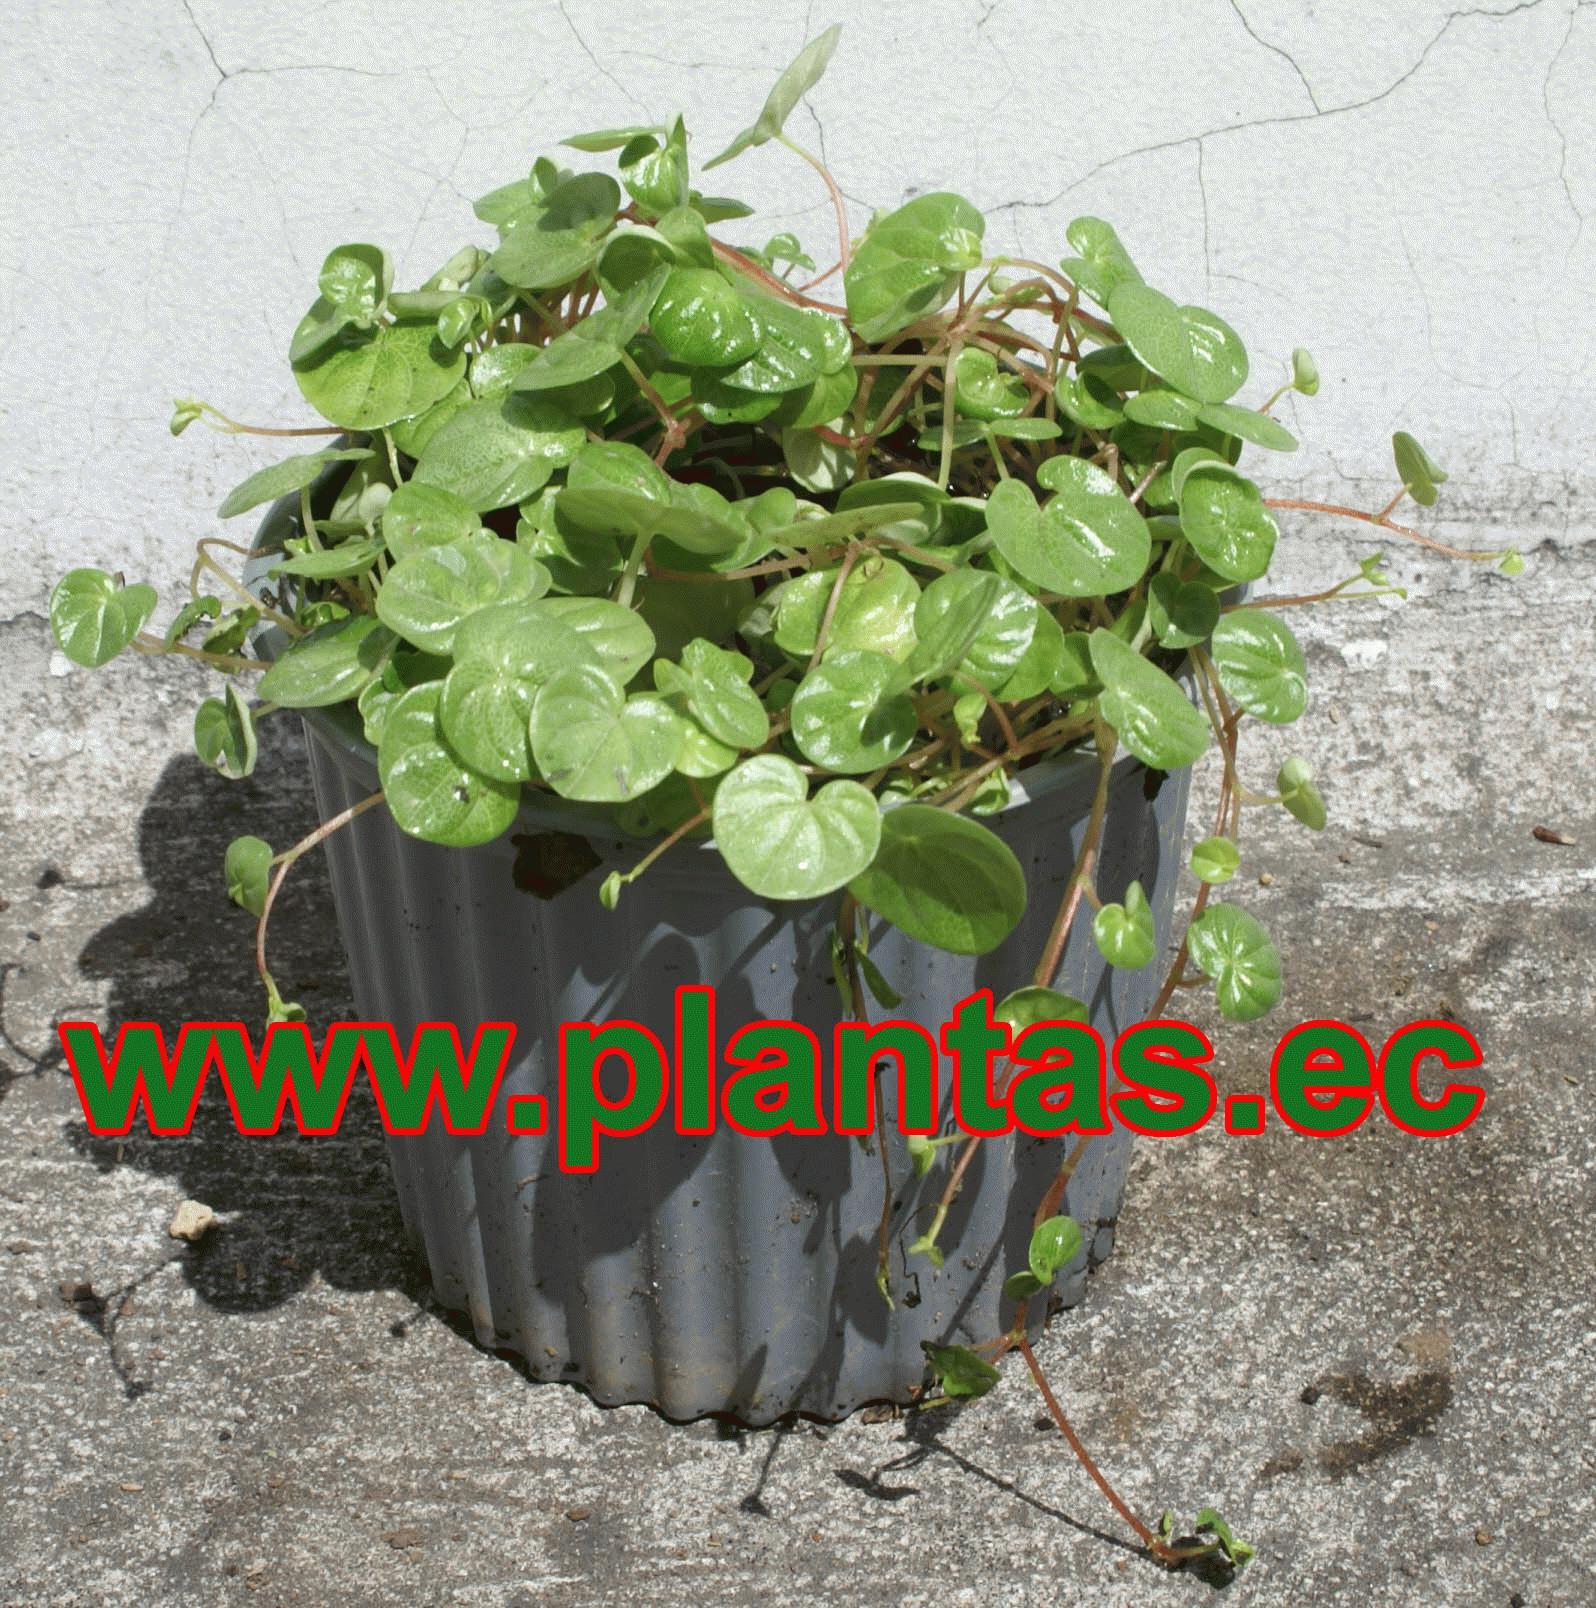 Dolares arboles frutales plantas ornamentales y for Plantas decorativas hojas